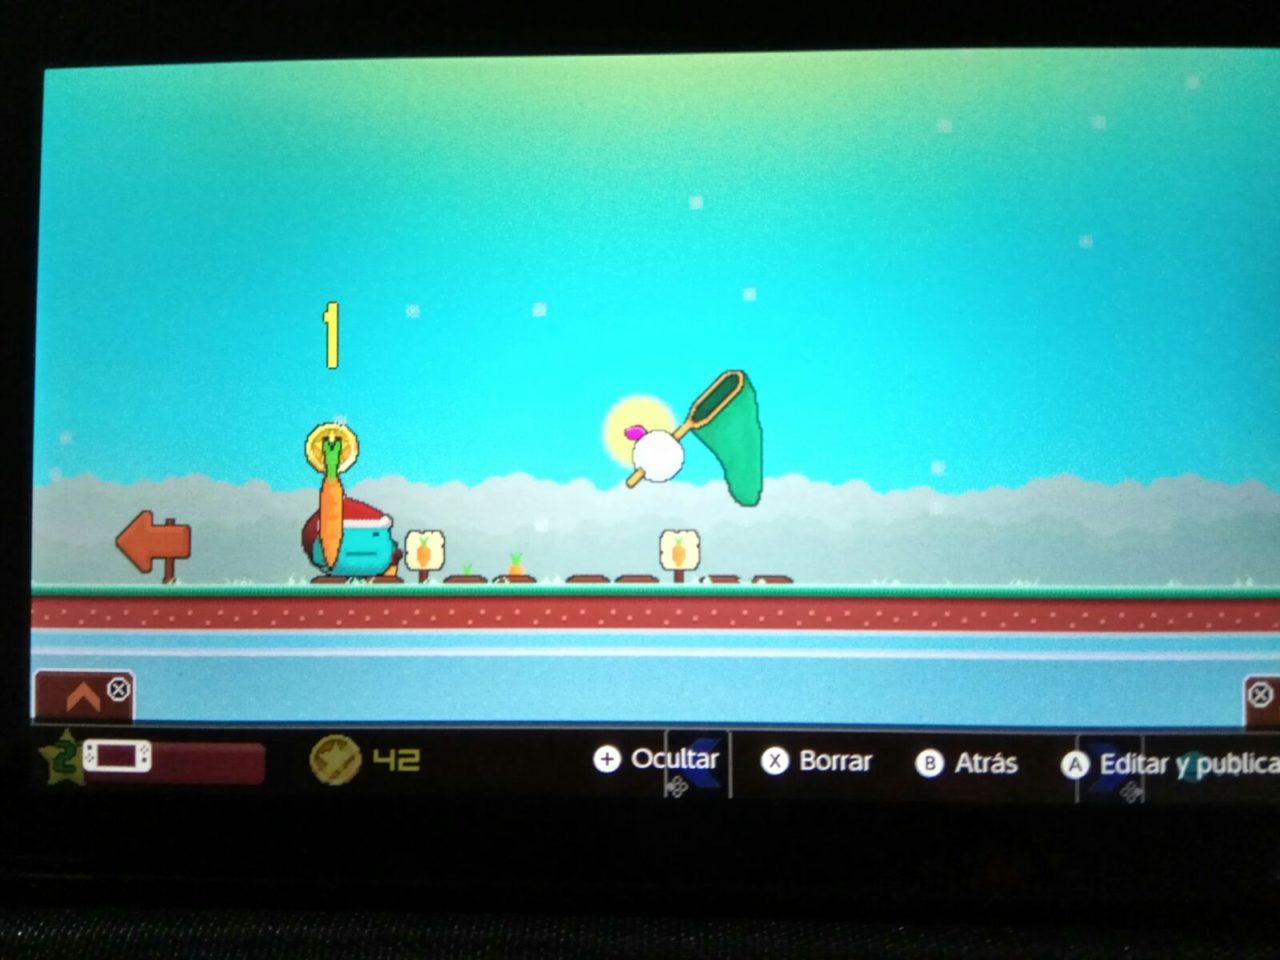 Plantera DX, analizamos el nuevo jardín que llega a Nintendo Switch 8